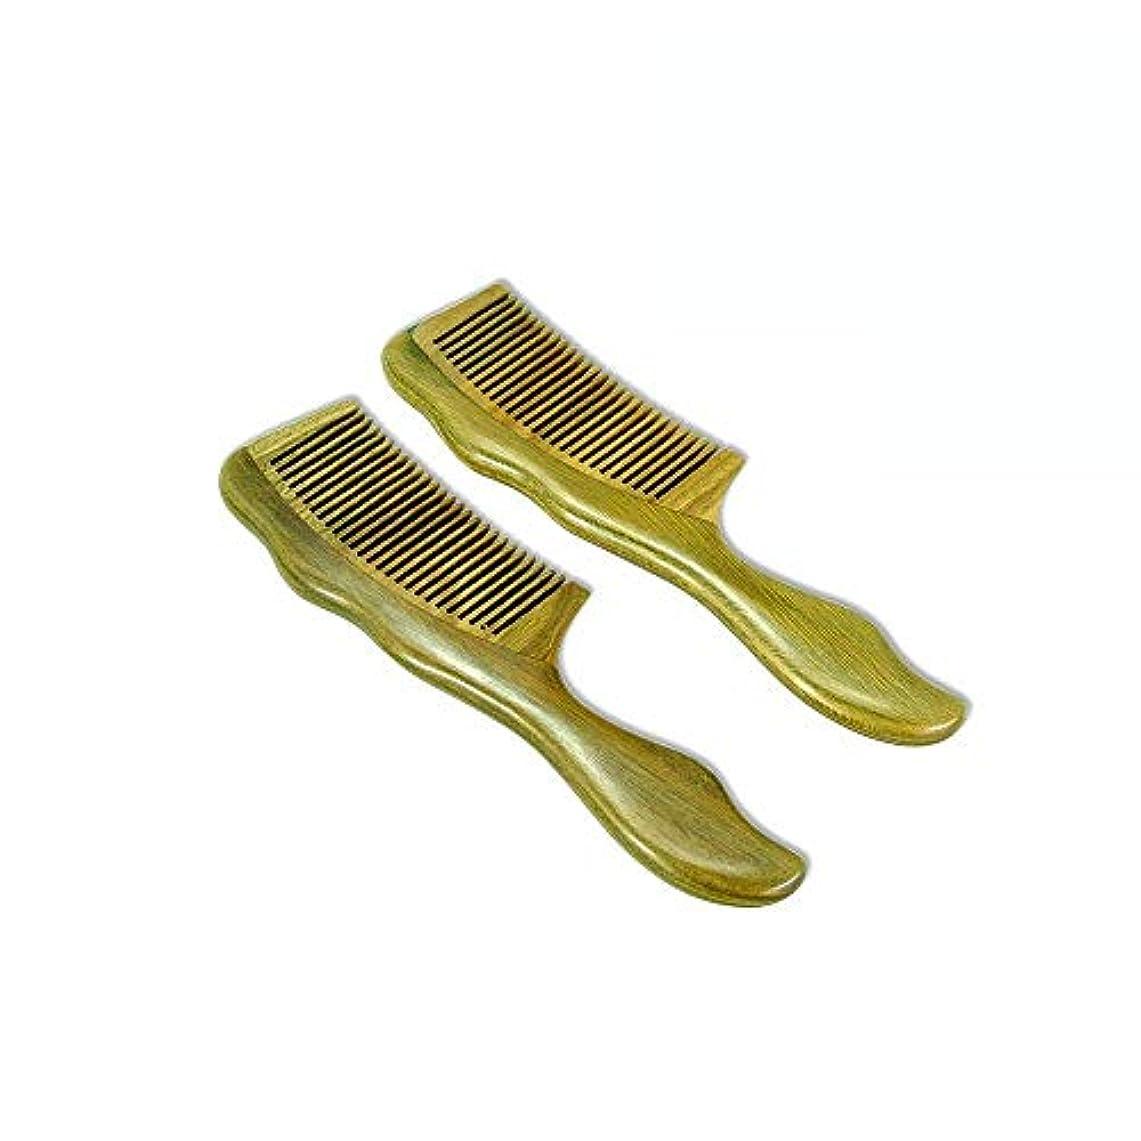 刃衝突バインドFashianナチュラルグリーンサンダルウッド櫛、波形の滑らかなハンドル帯電防止木製くし ヘアケア